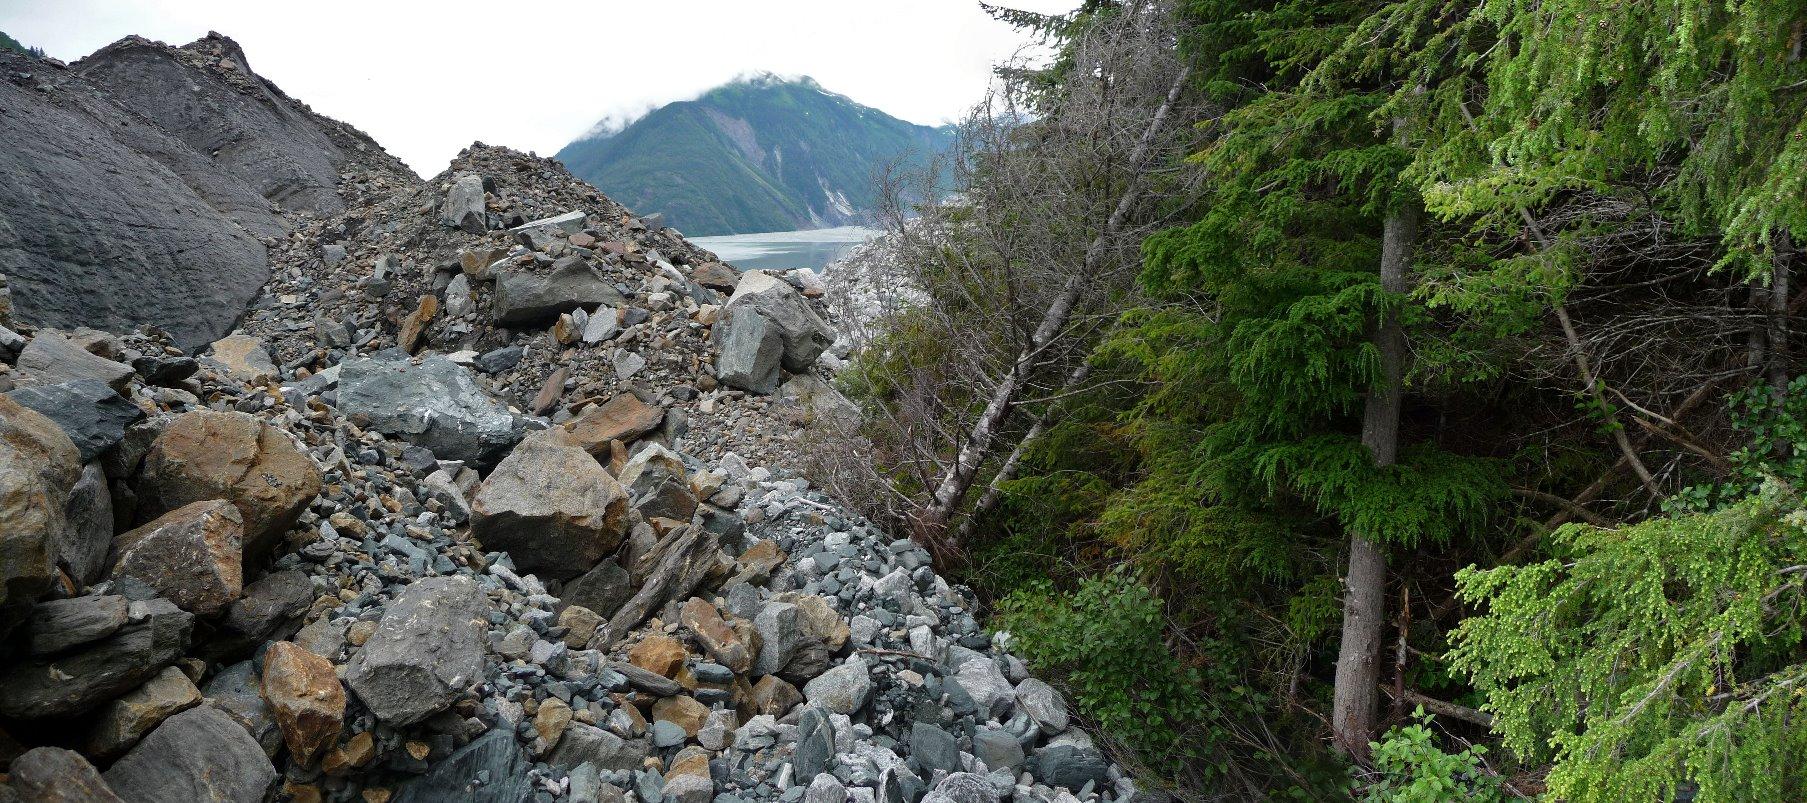 Glacier vs Forest - North Crillion Glacier prevails.